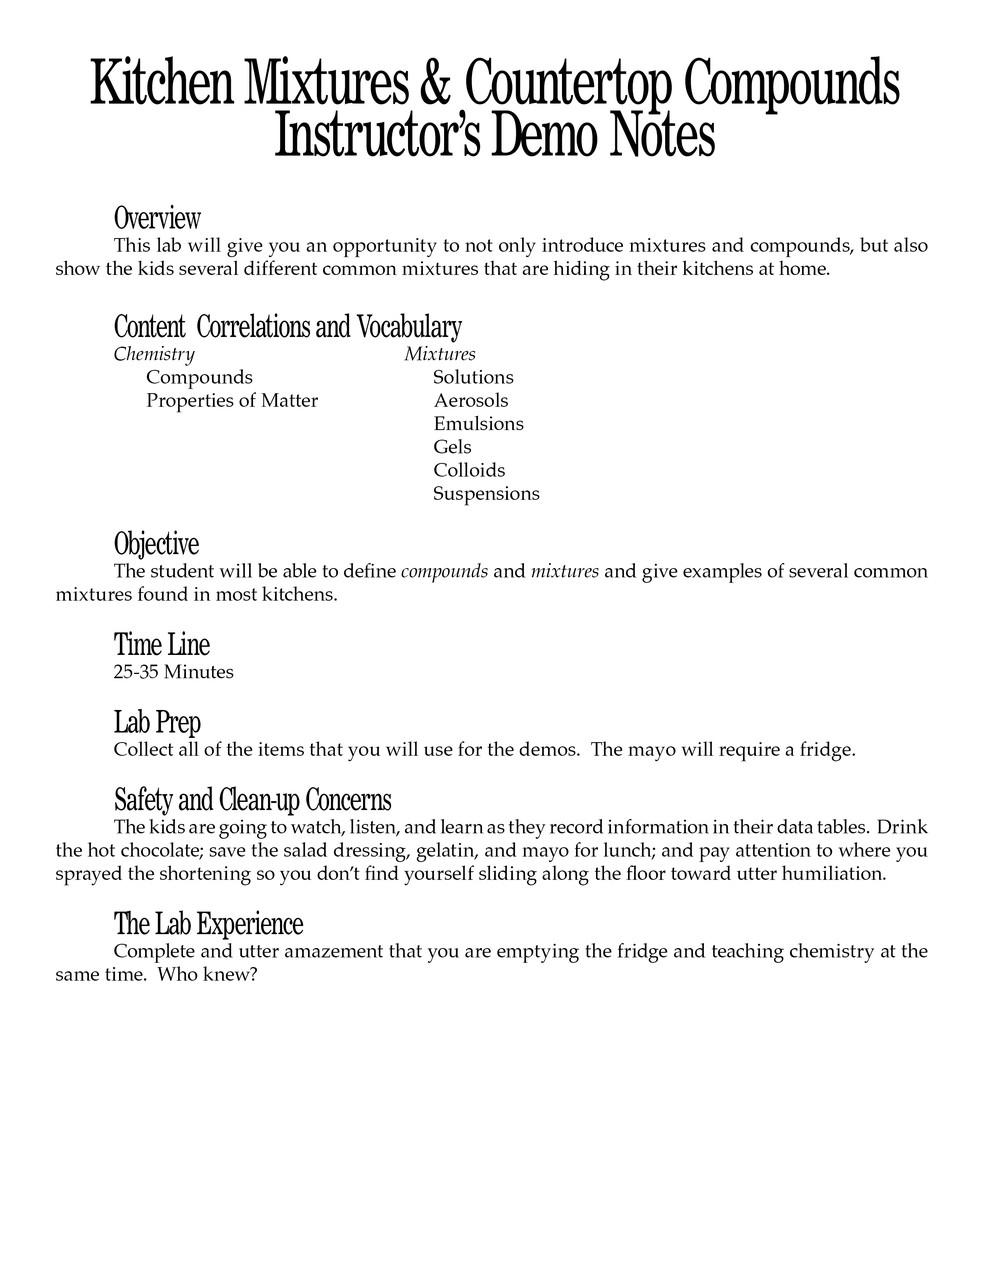 Kitchen Mixtures & Countertop Compounds PDF